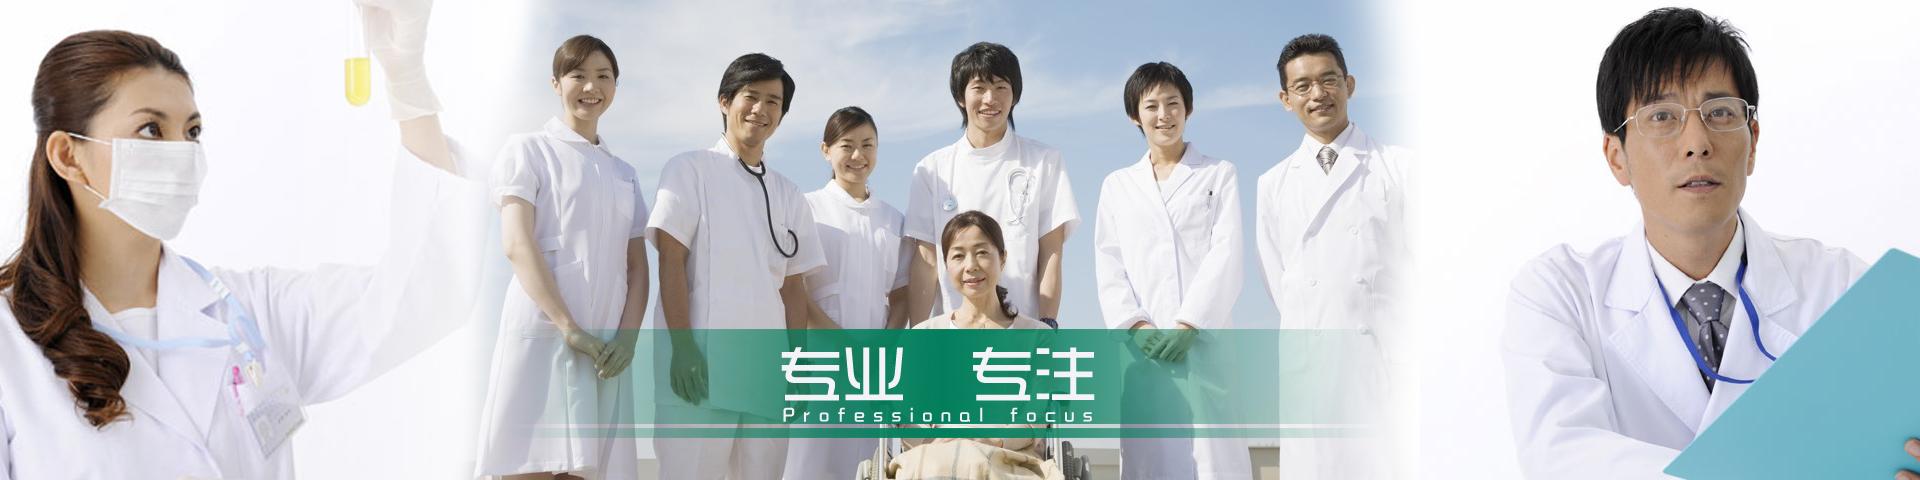 医用纱布绷带、一次性医用中单、医用无纺布、医用纱布厂家